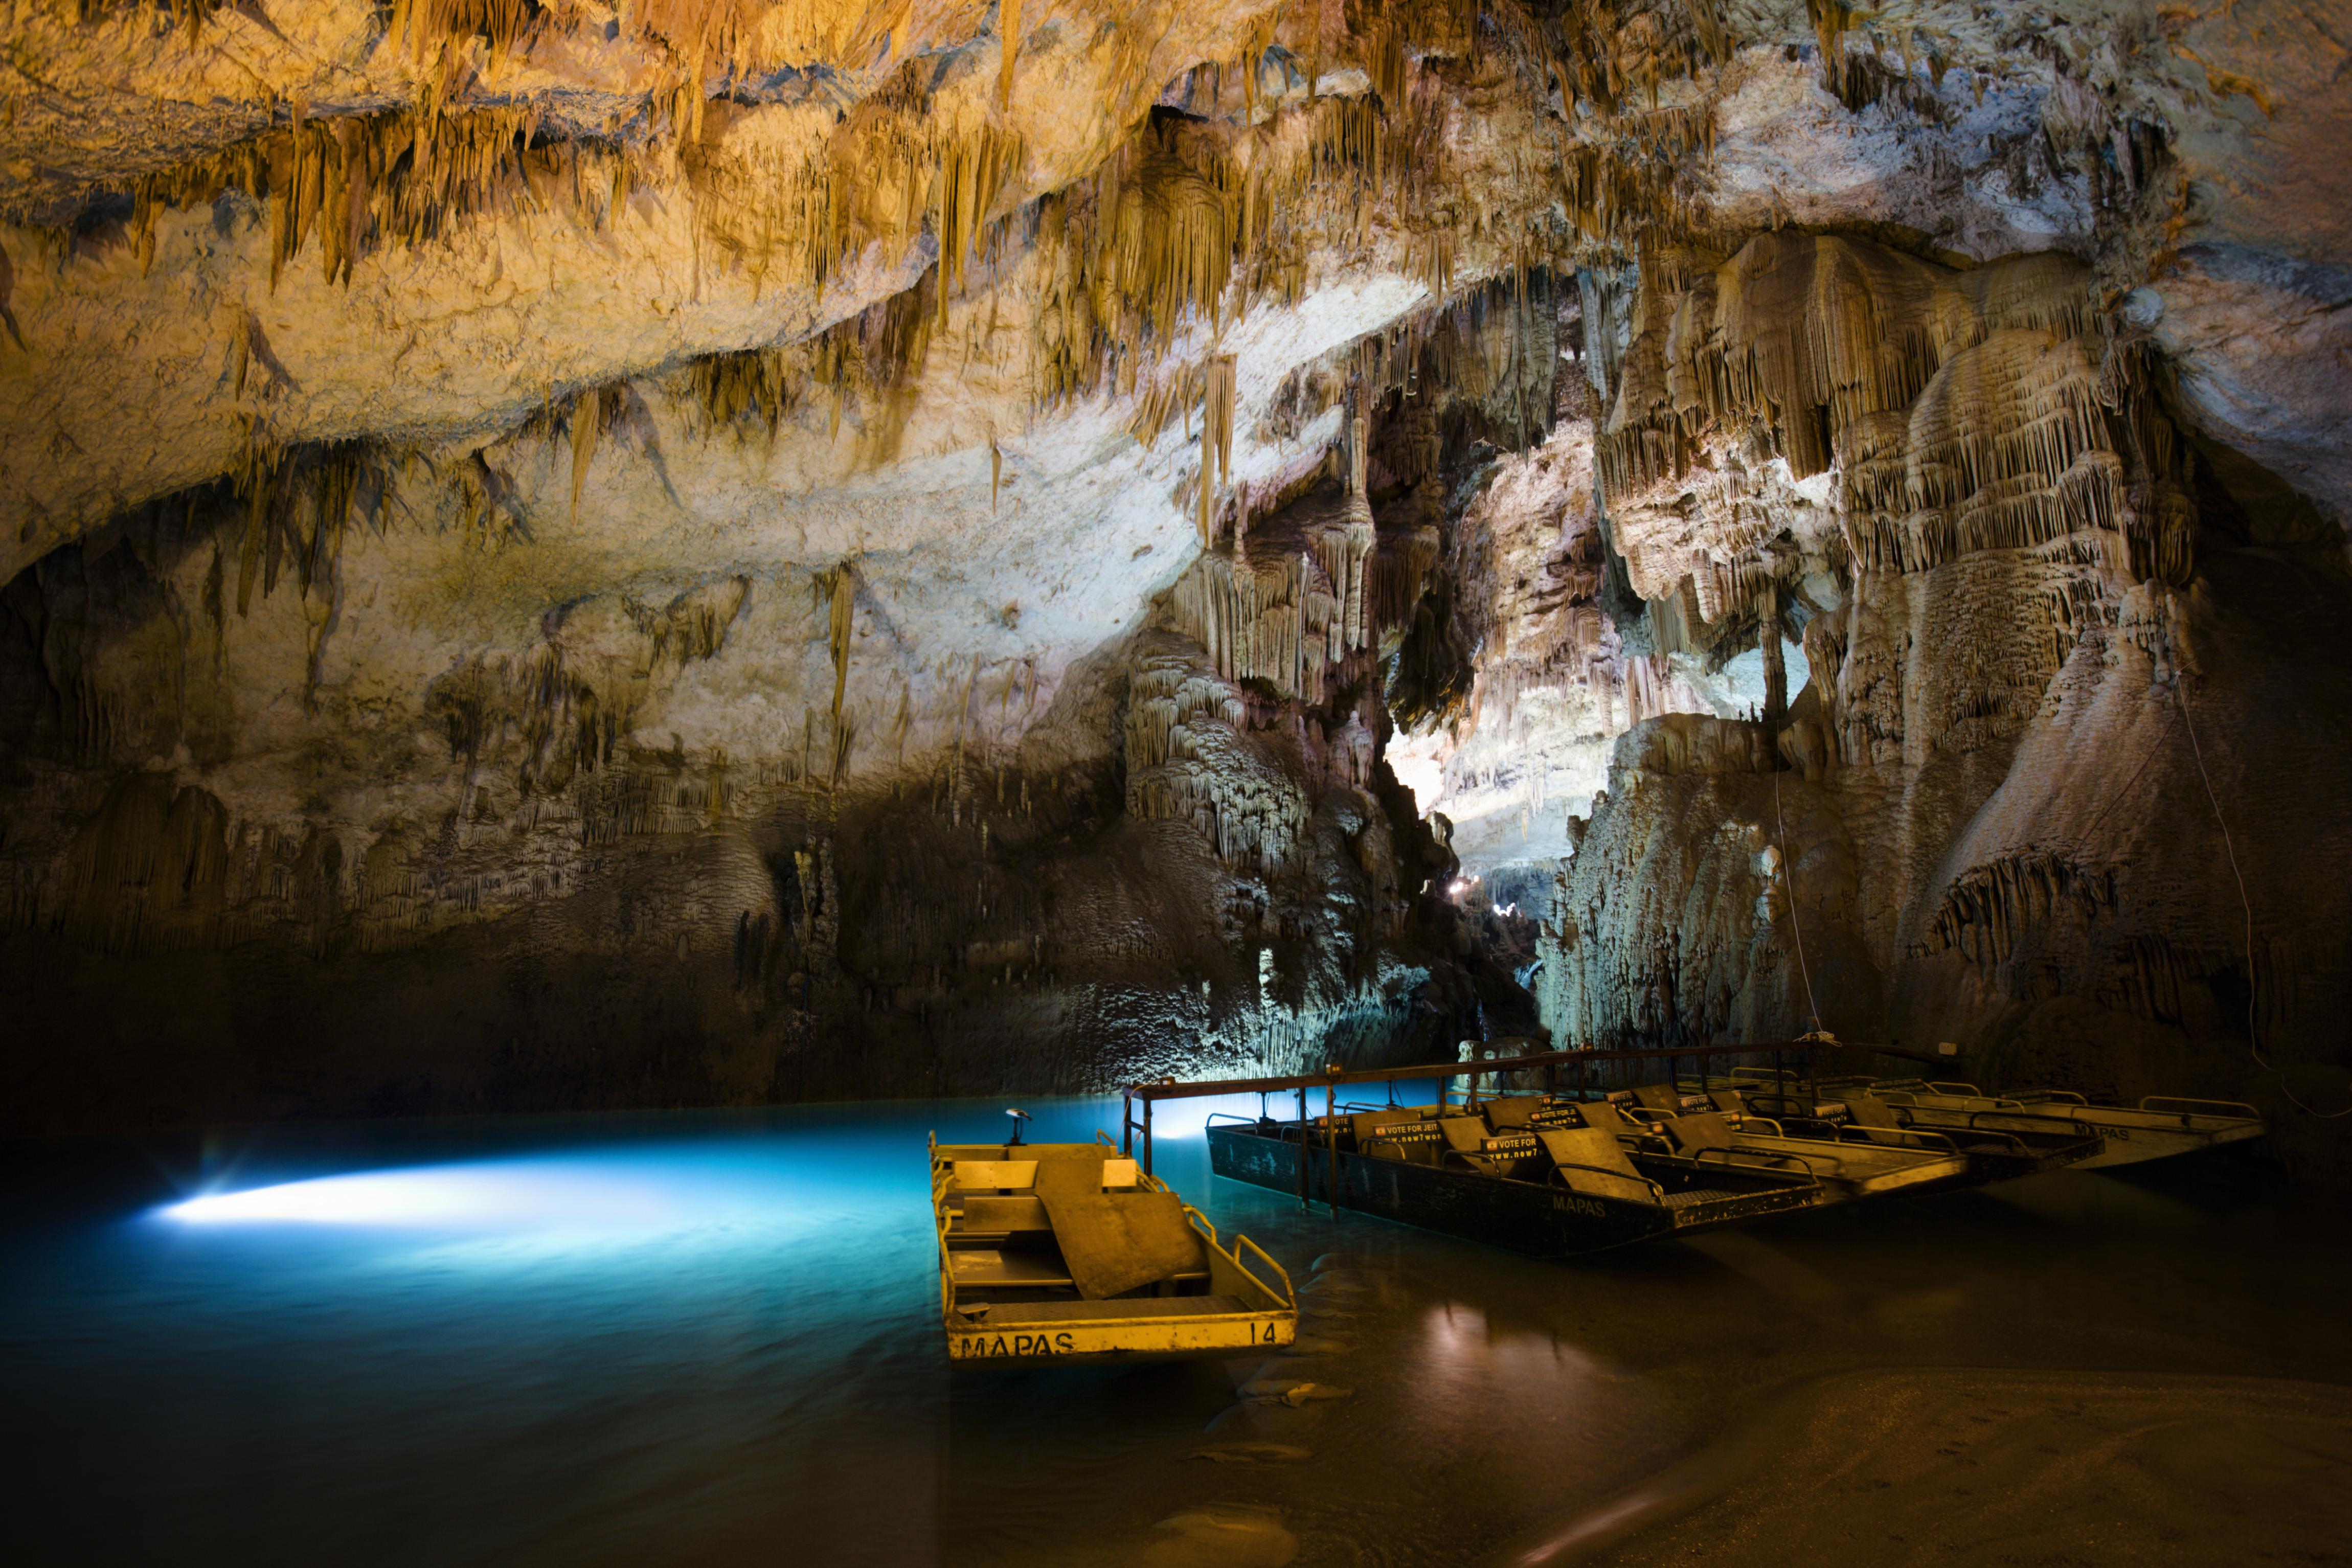 Джейта Гротто (пещера, грот) является одной из самых известных достопримечательностей Ливана. Грот расположен примерно в 20 км к северу от Бейрута, в долине, известной как Вади-аль-Калб.